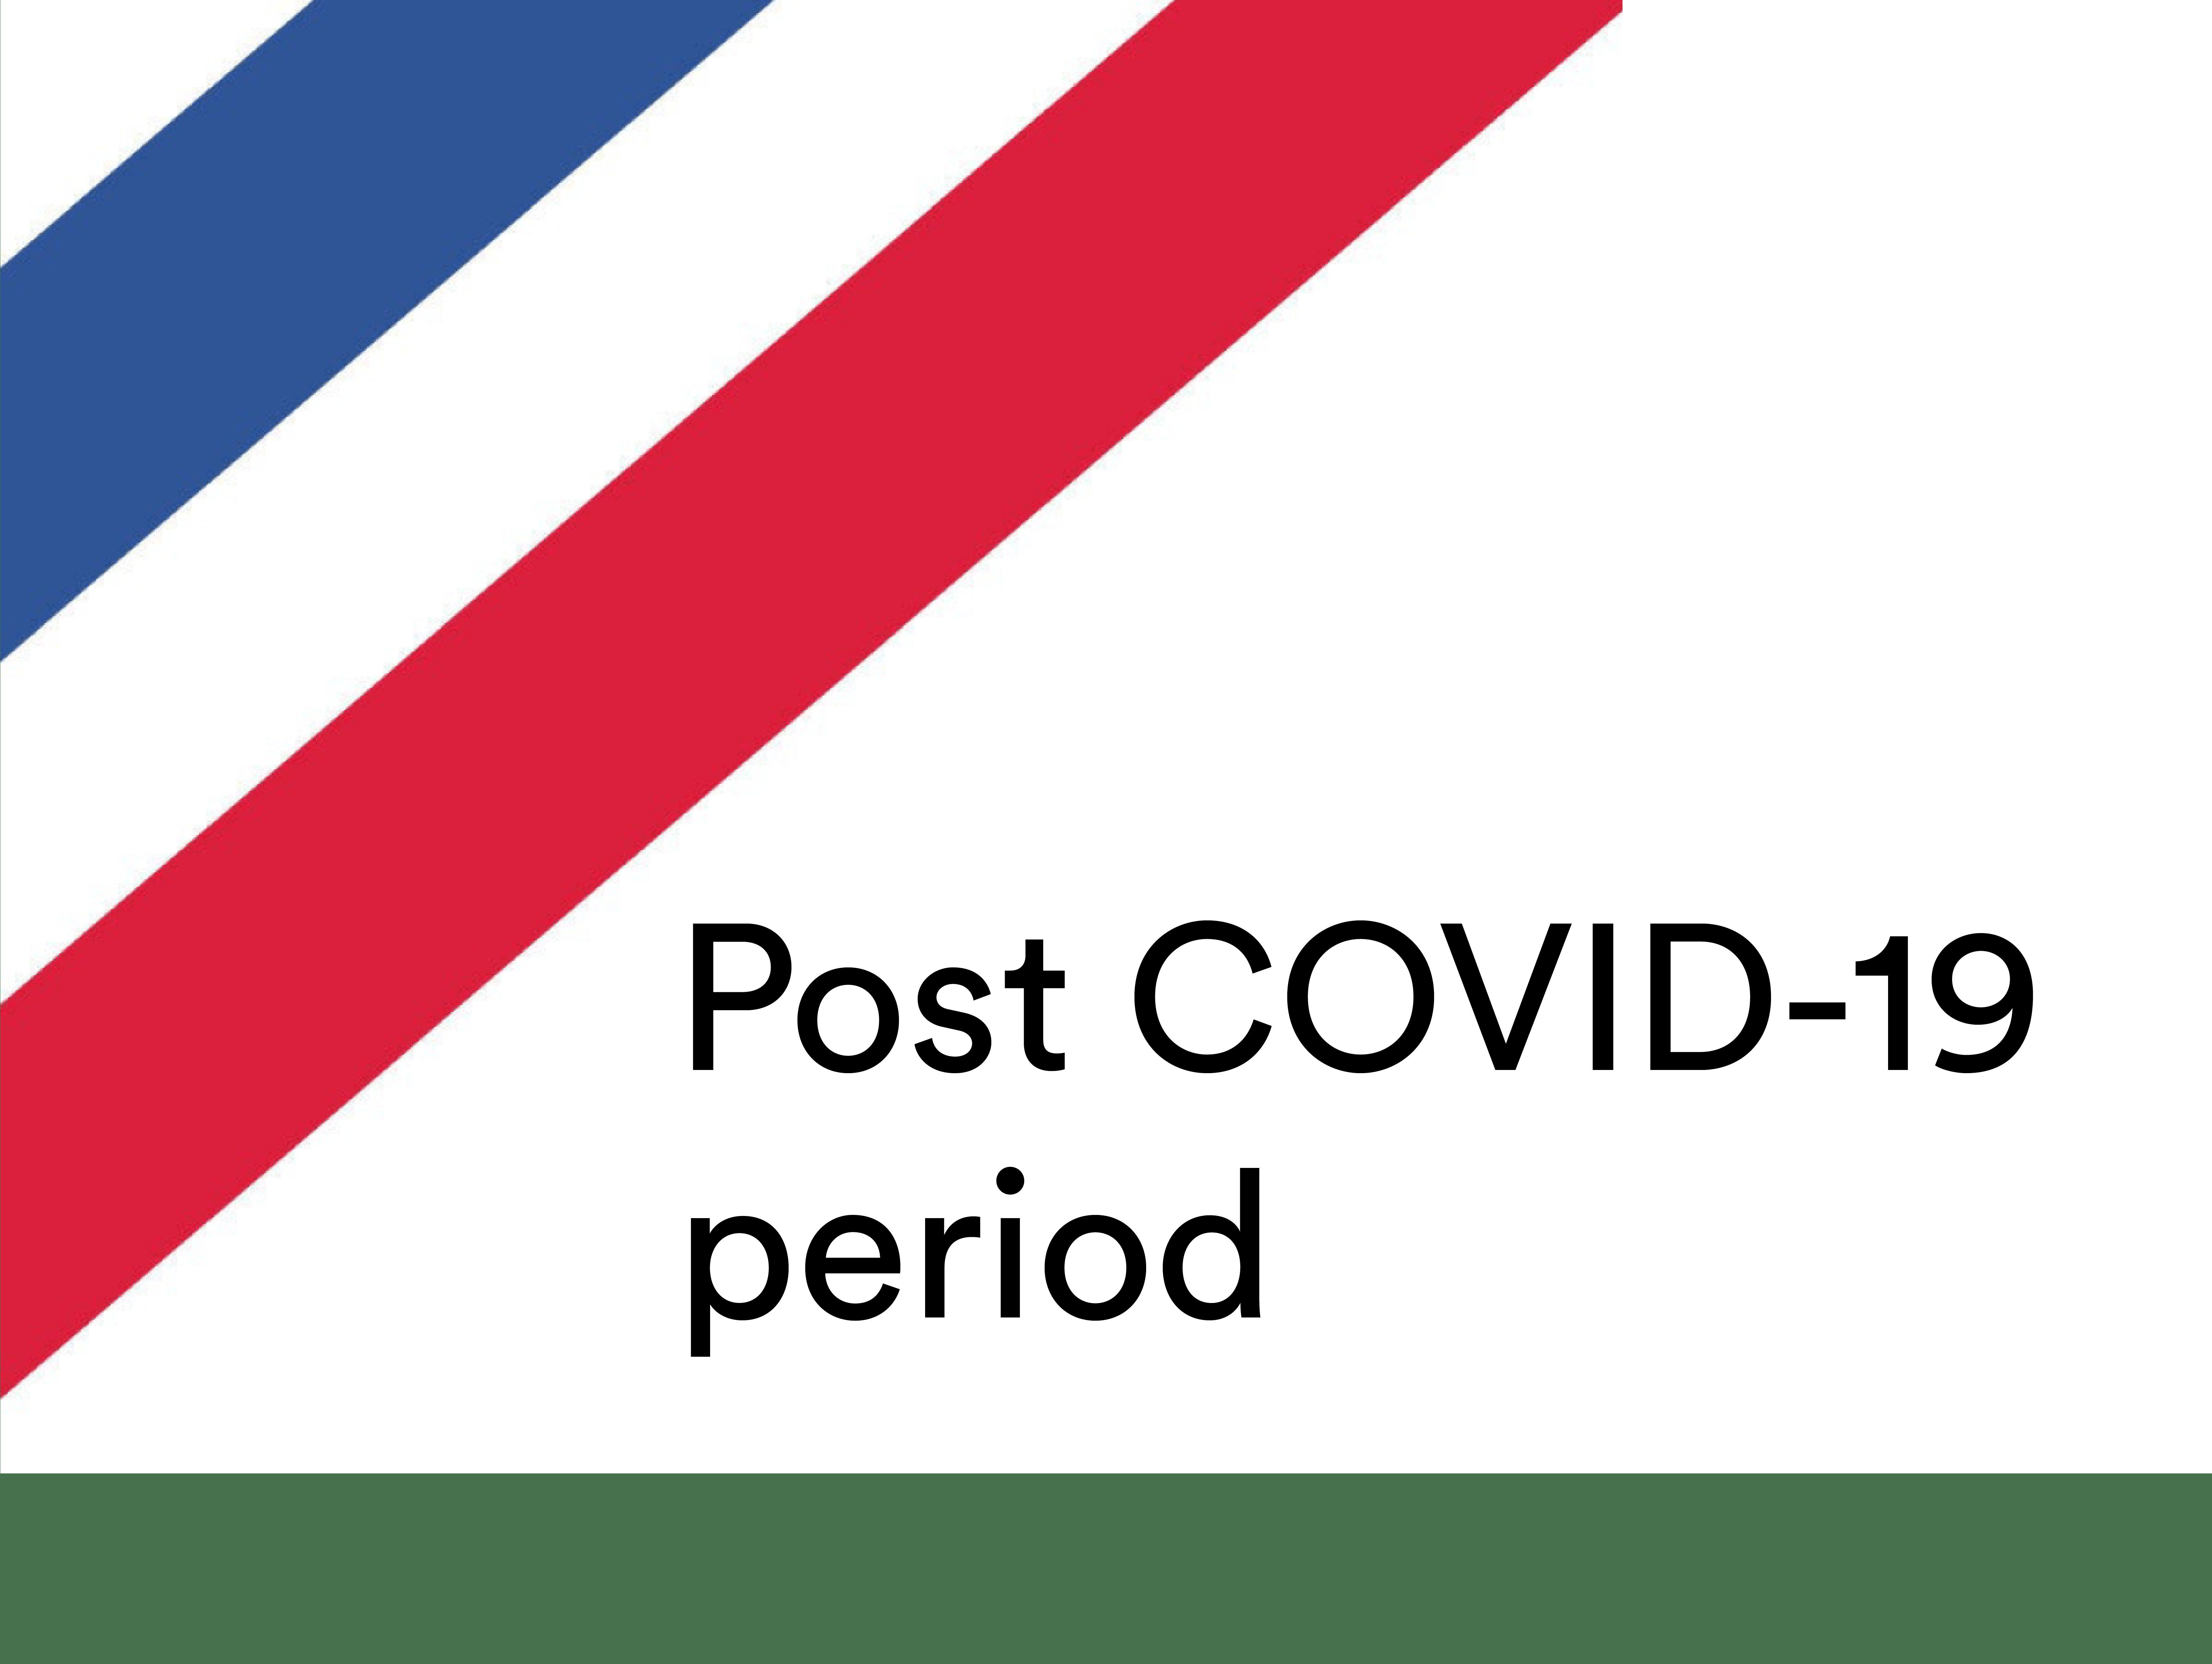 POST COVID-19 PERIOD